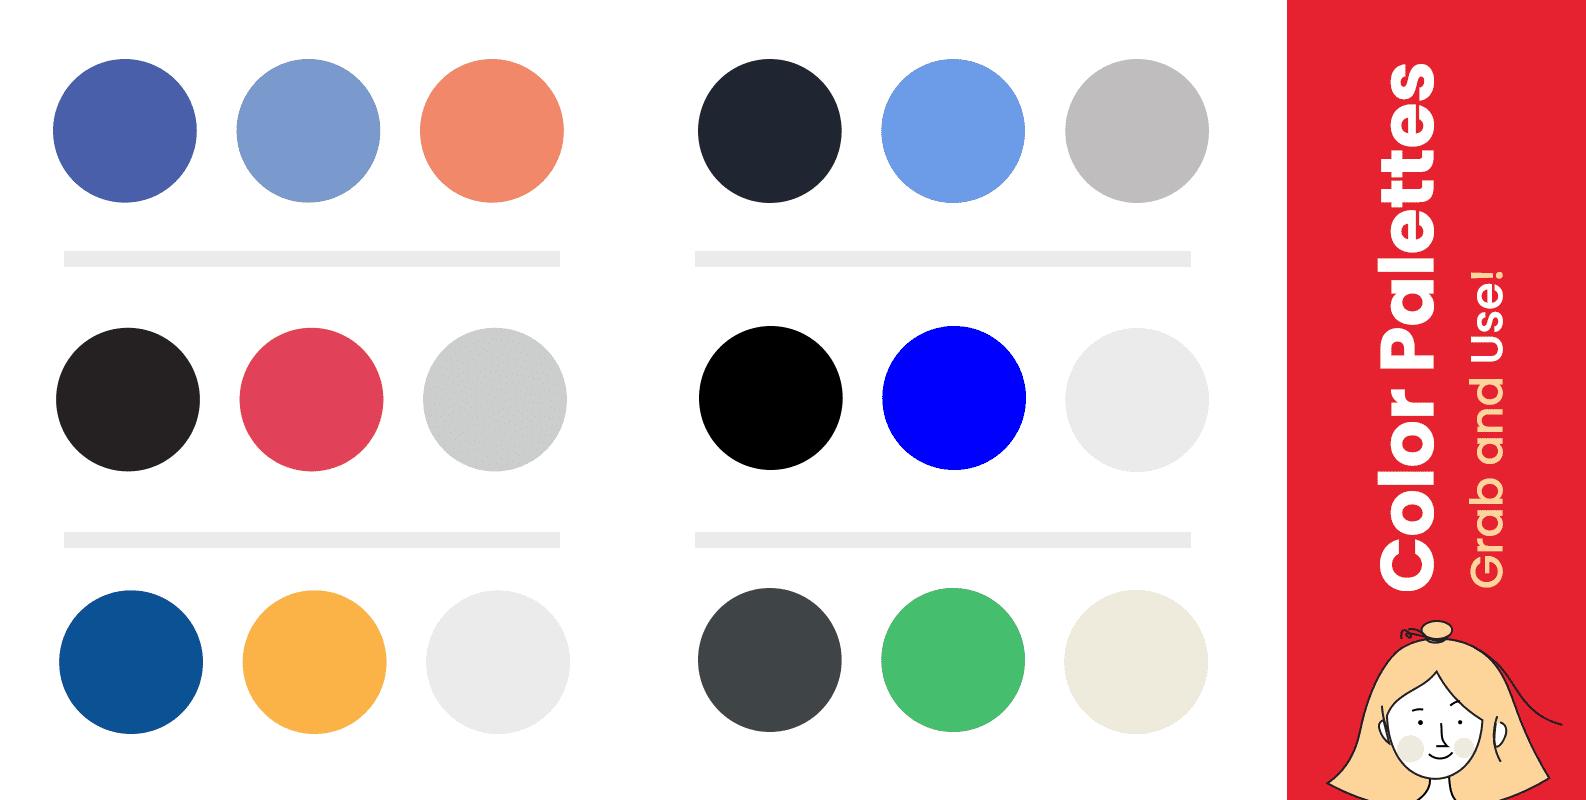 Color palettes for presentation